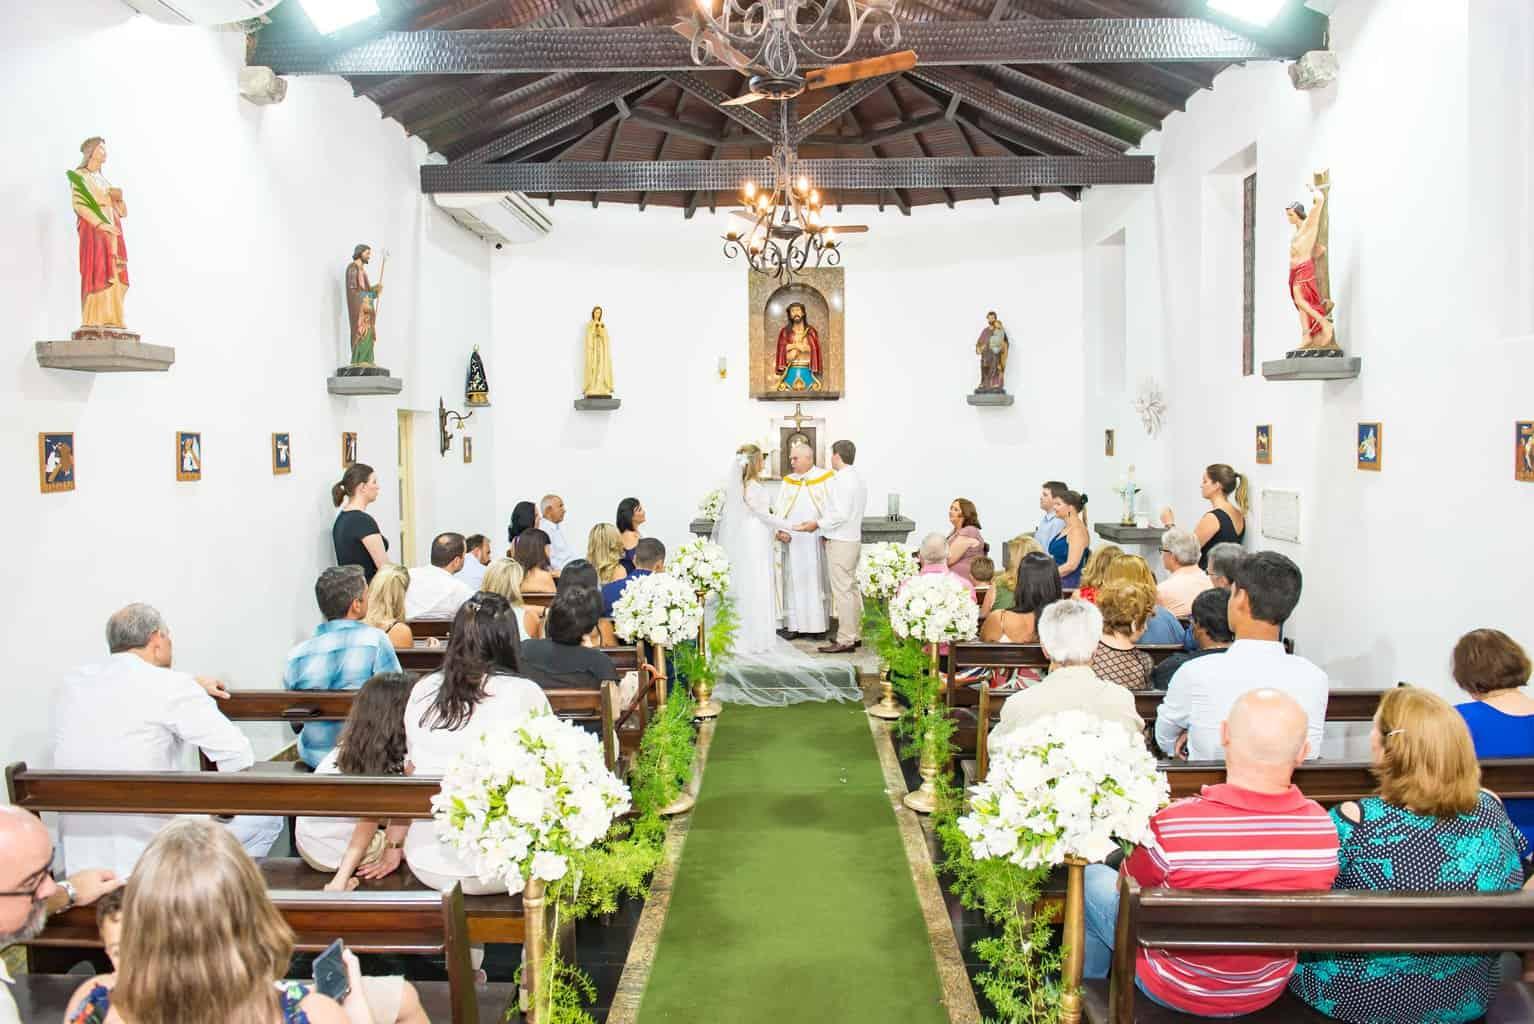 Capela-Santo-Cristo-dos-Milagres-casamento-religioso-Casamento-Roberta-e-Angelo-cerimonia-na-igreja-Danielle-Loureiro112